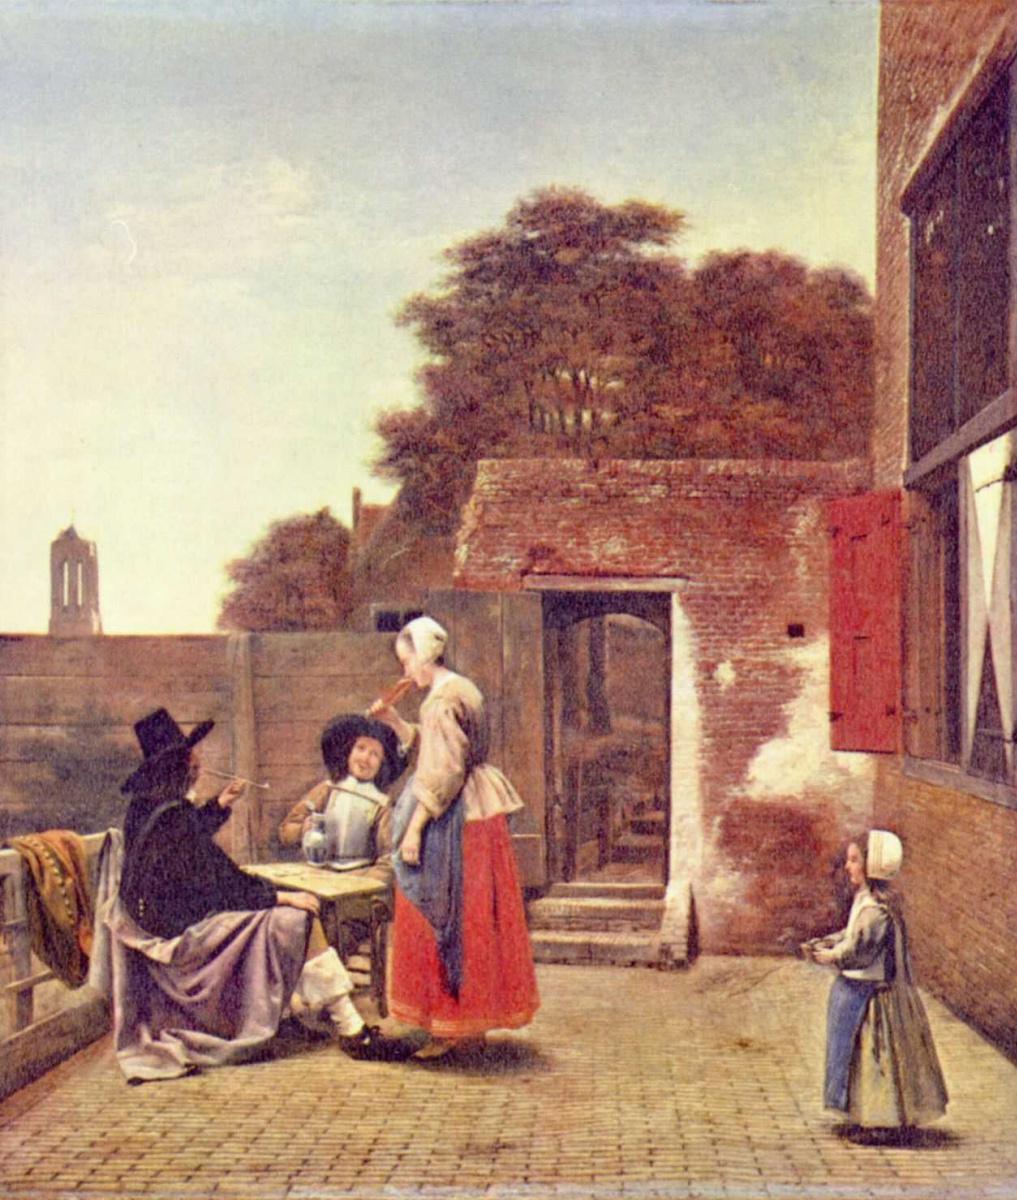 Питер де Хох. Два офицера и пьющая вино женщина во дворе